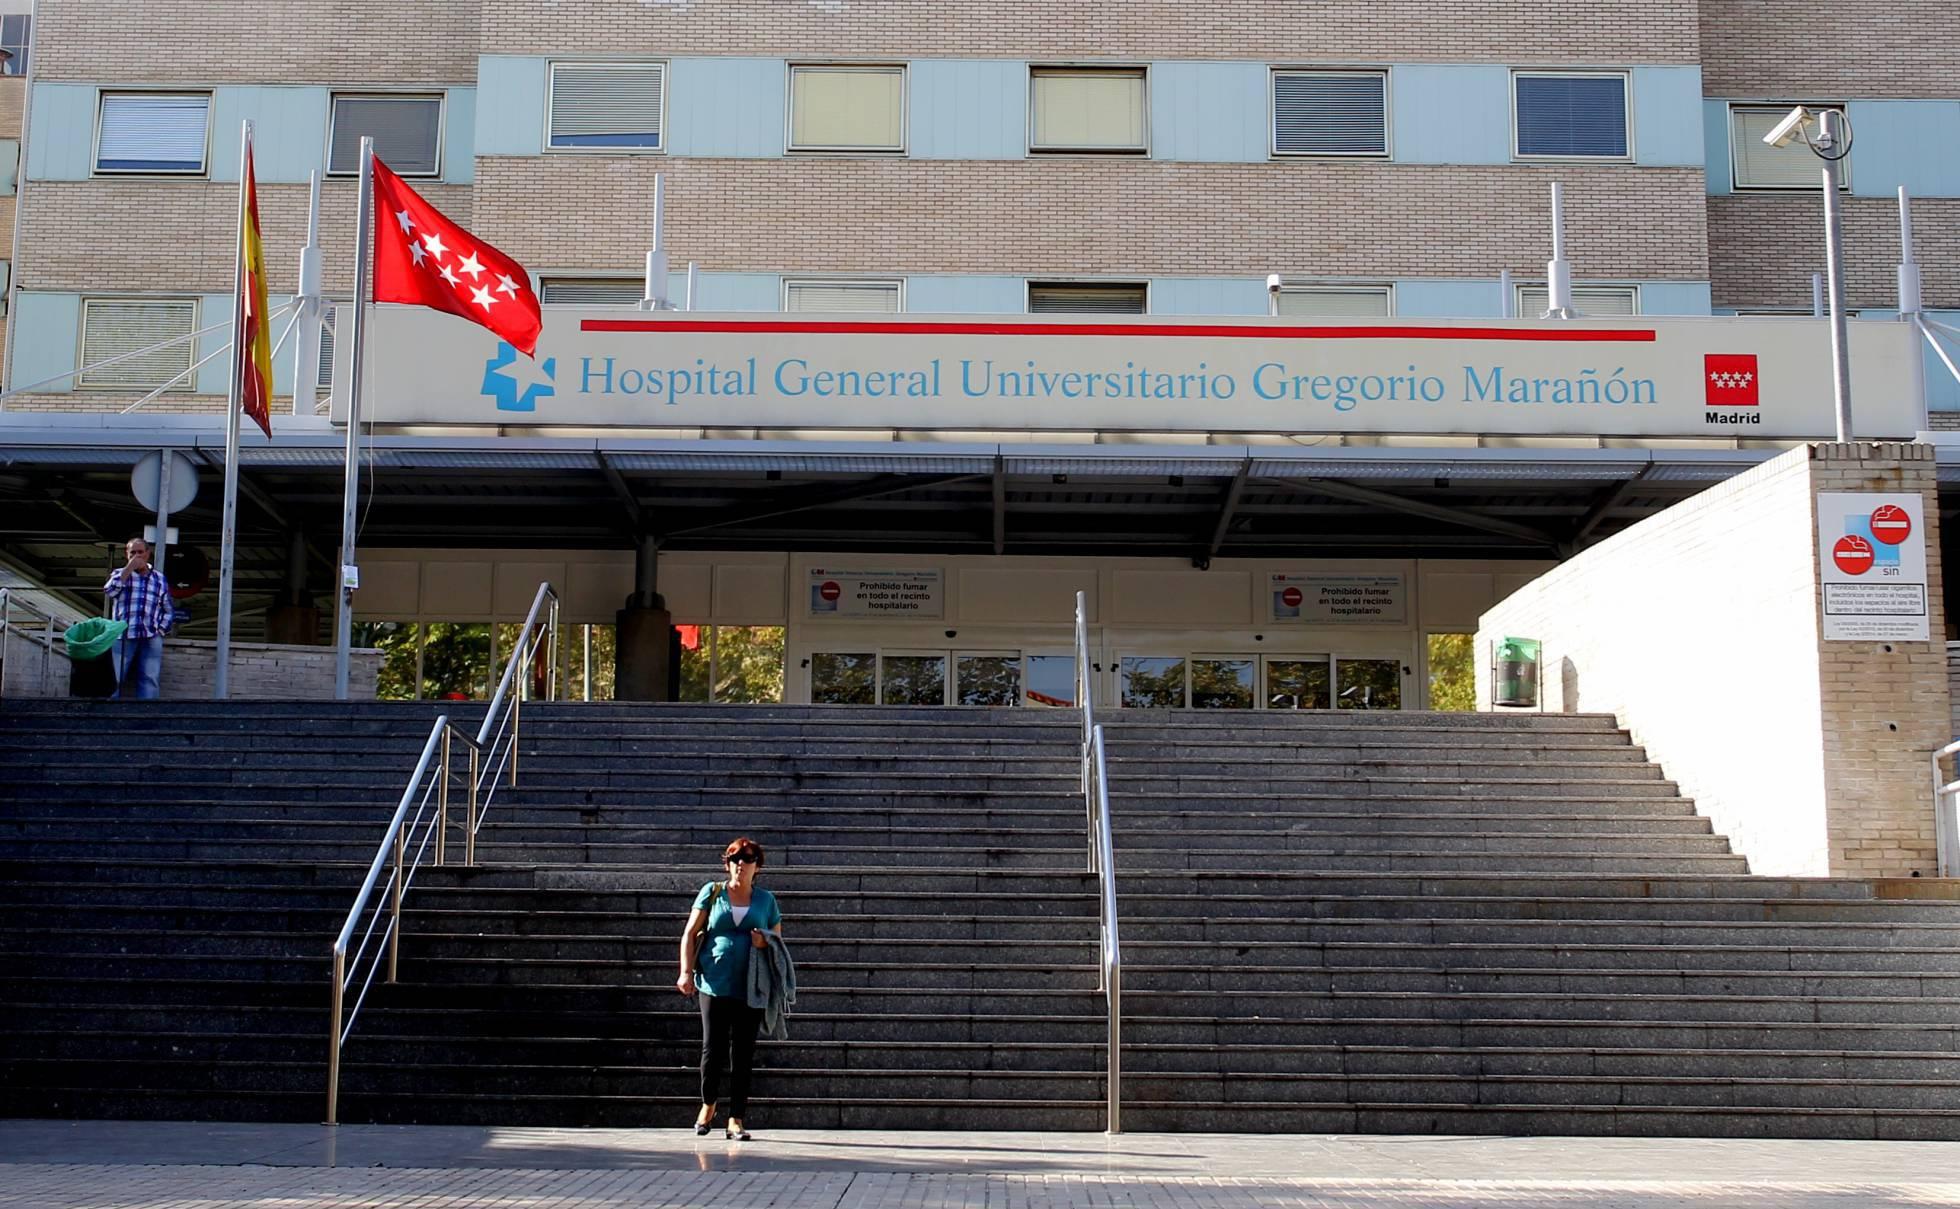 Entrada del hospital Gregorio Marañón. JAIME VILLANUEVA